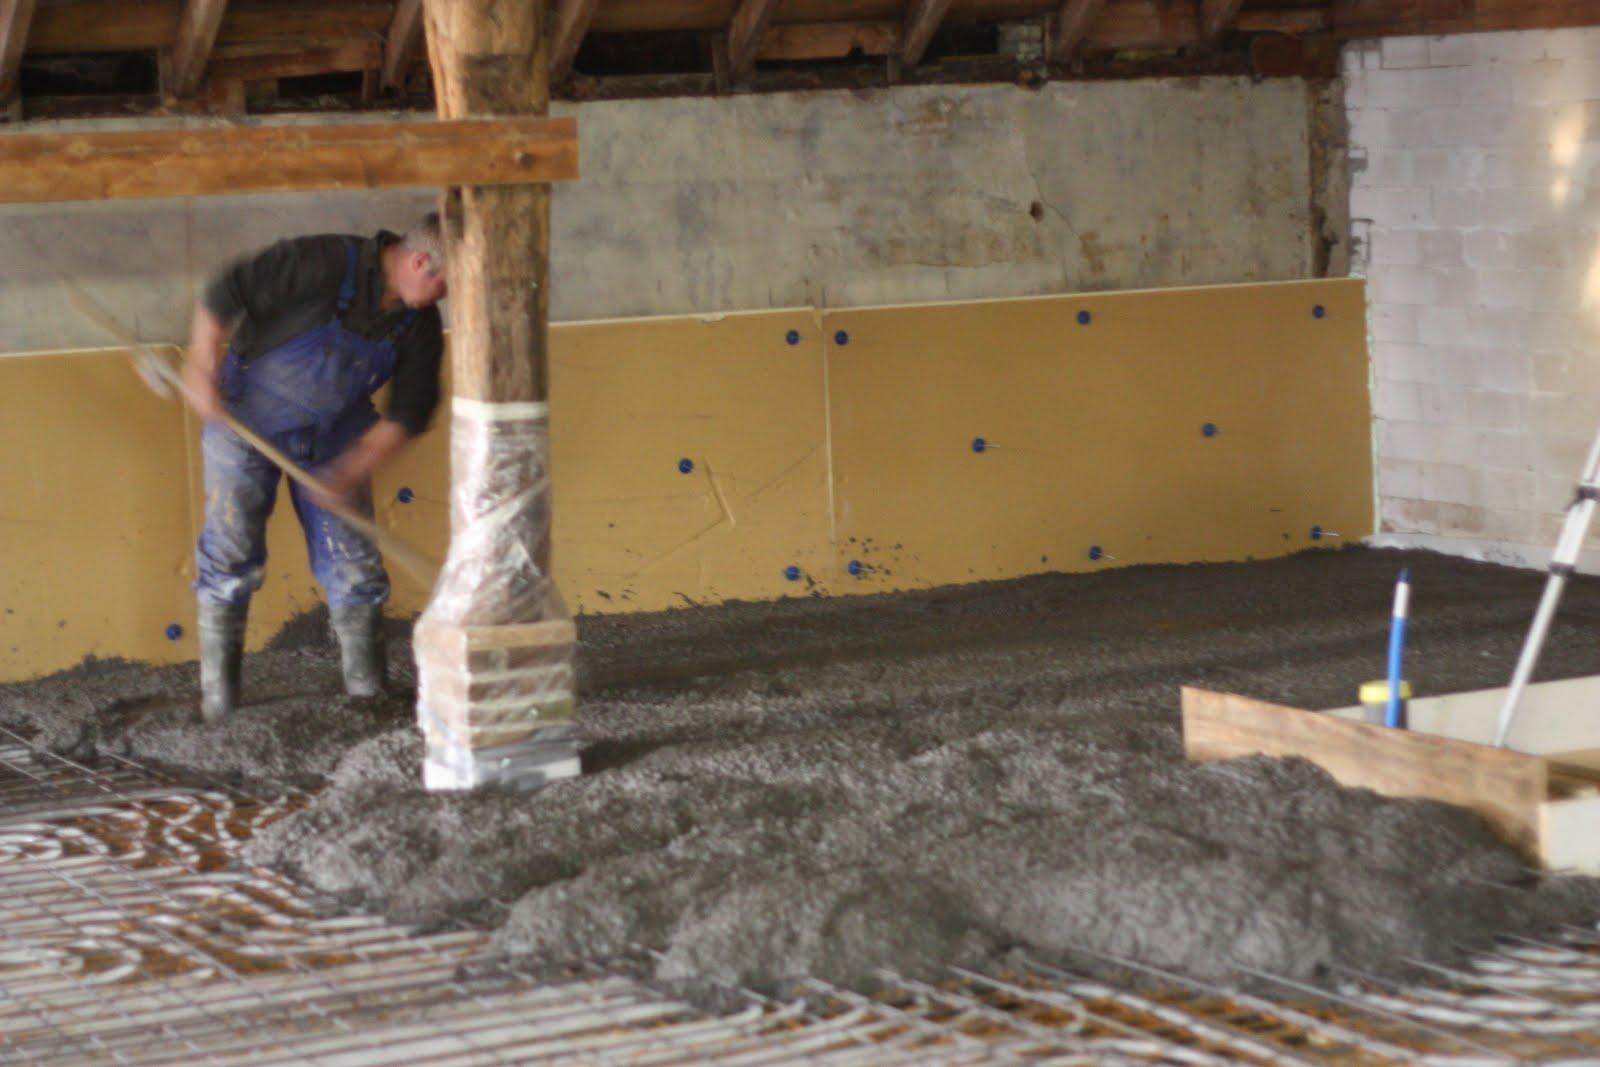 Badkamer Vloer Storten : Badkamervloer storten u msnoel